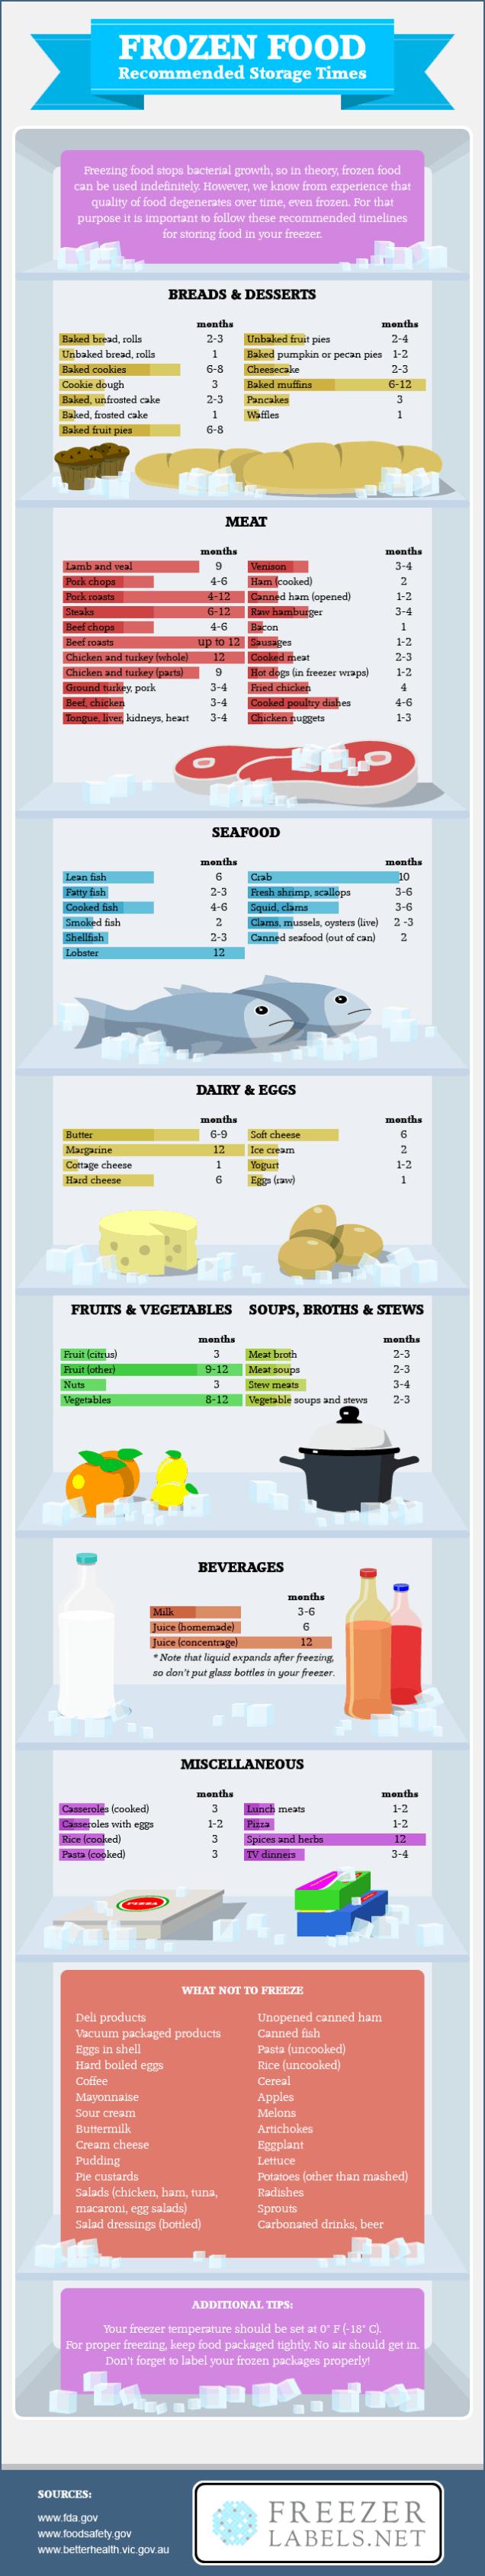 Frozen Food Storage Infographic